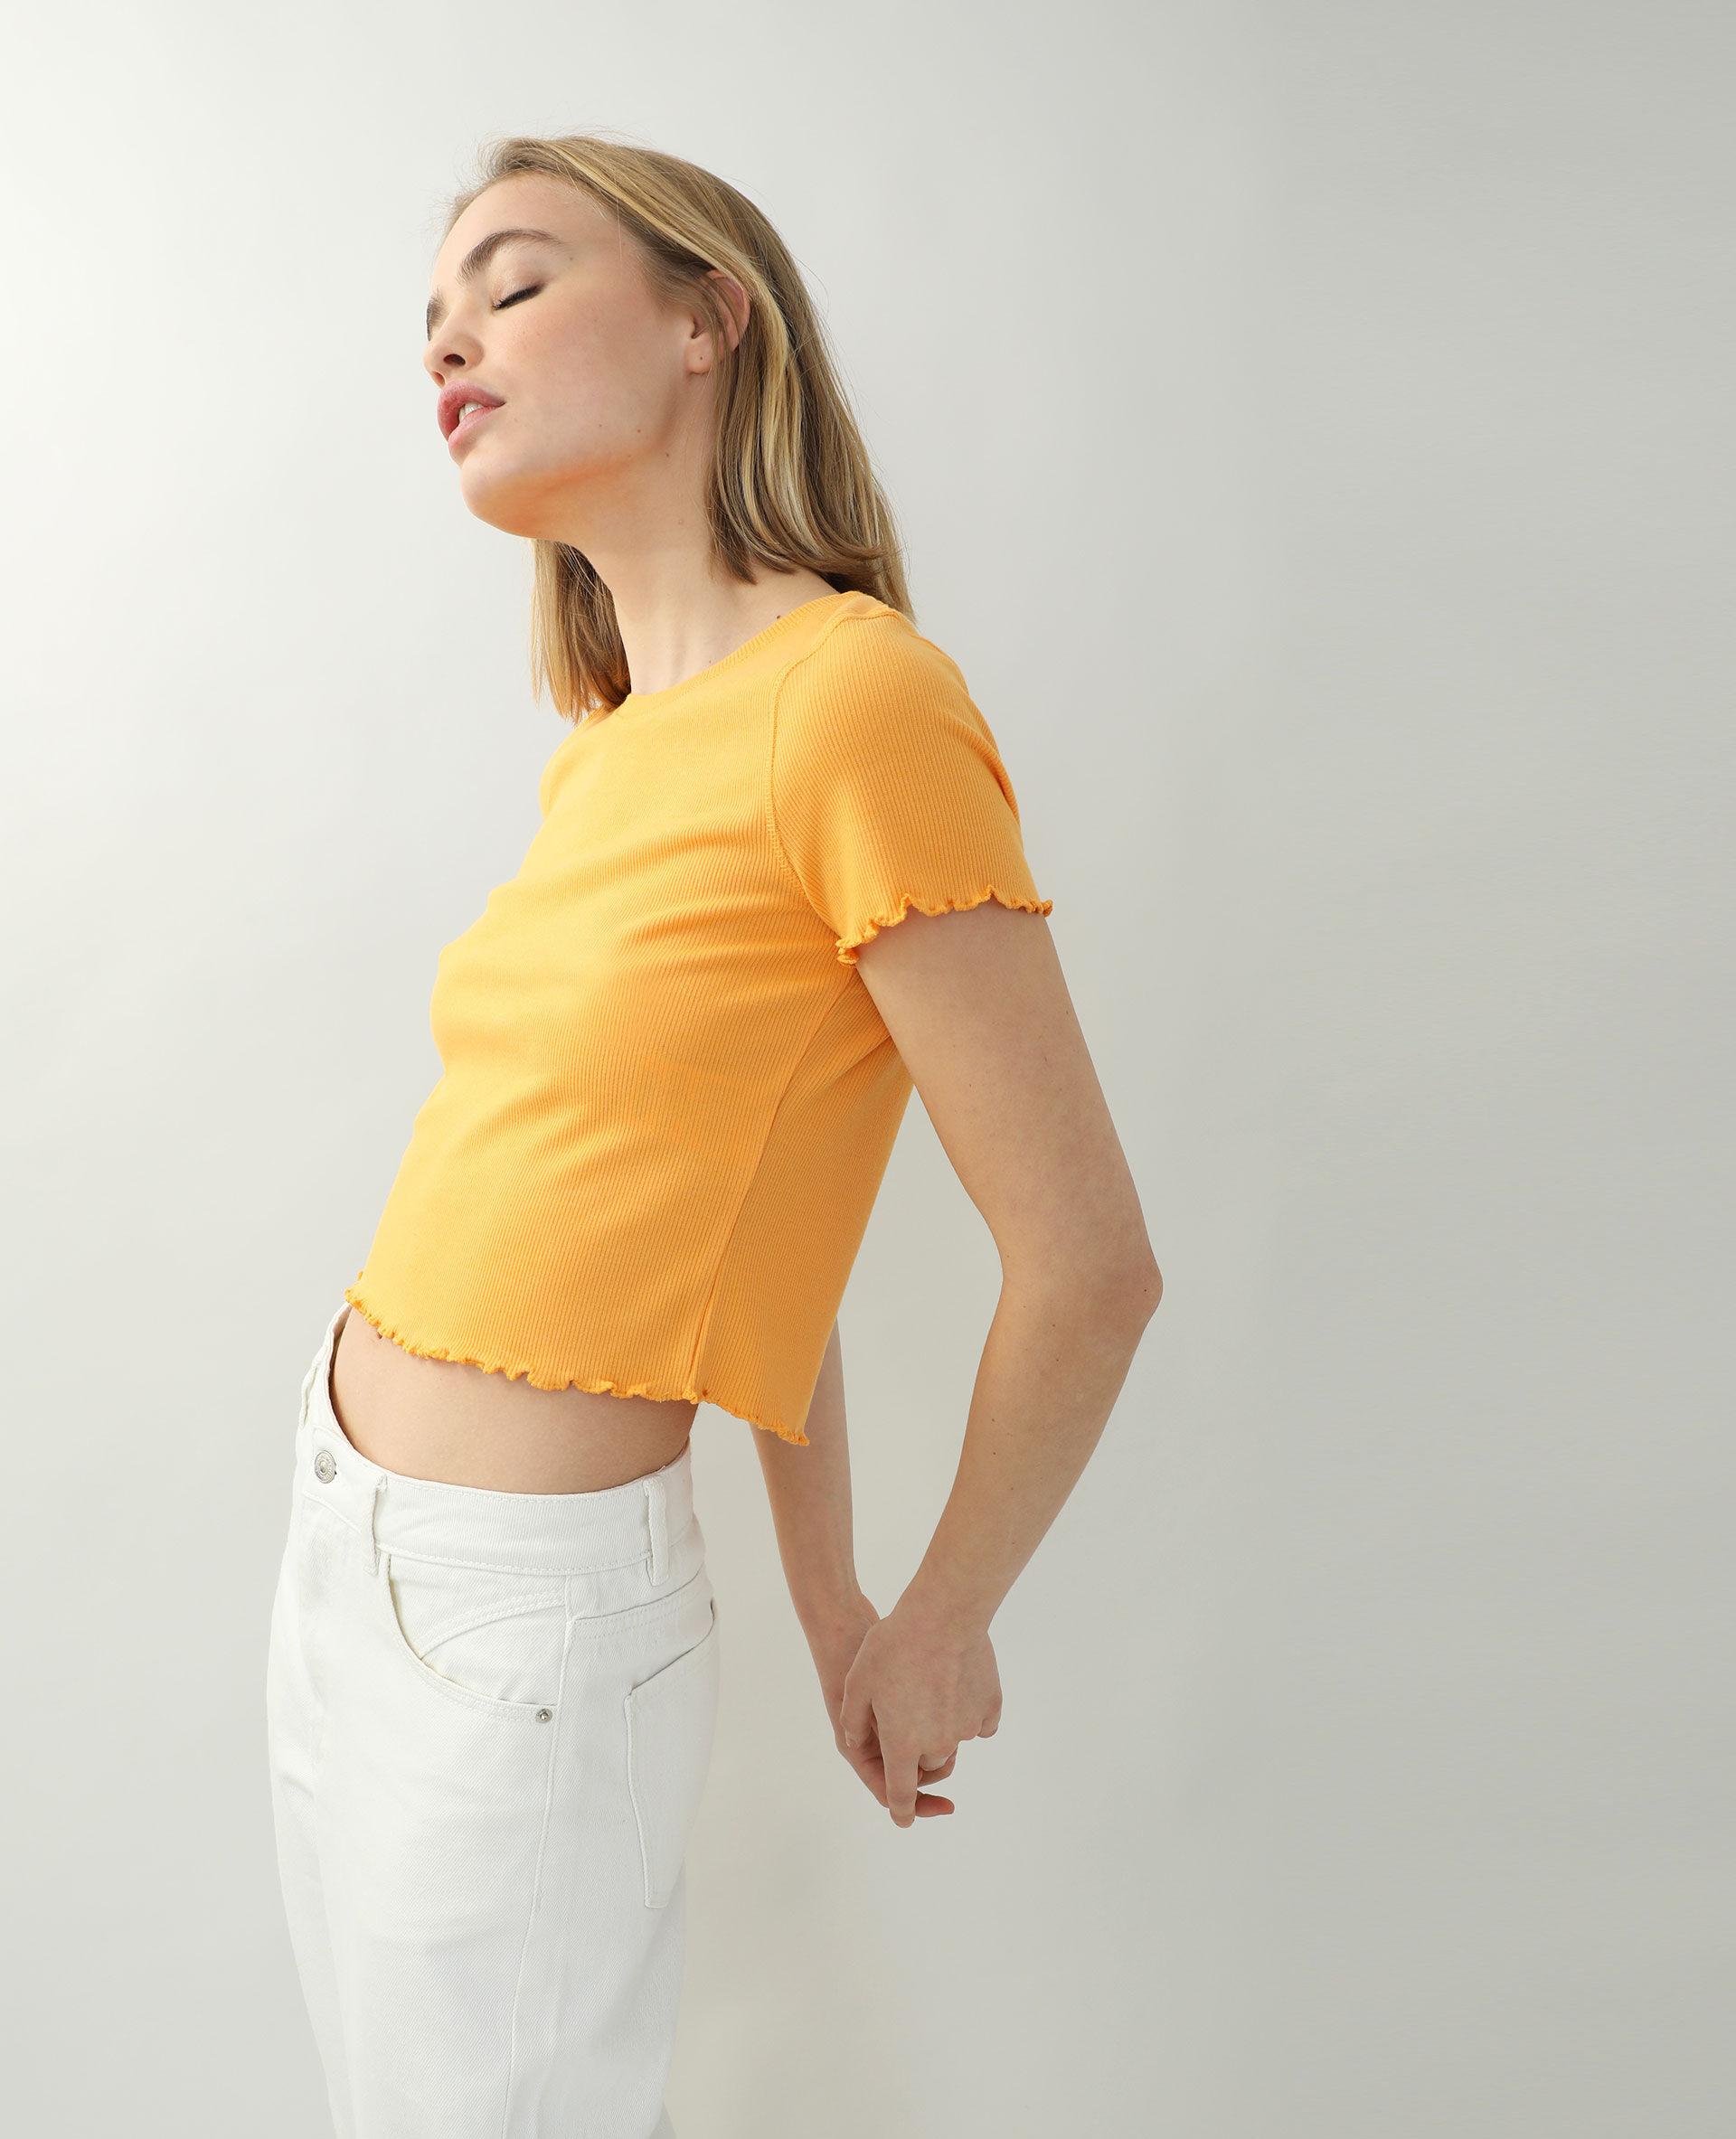 T-shirtcôtelé et volanté Femme - Couleur orange - Taille L - PIMKIE - MODE FEMME